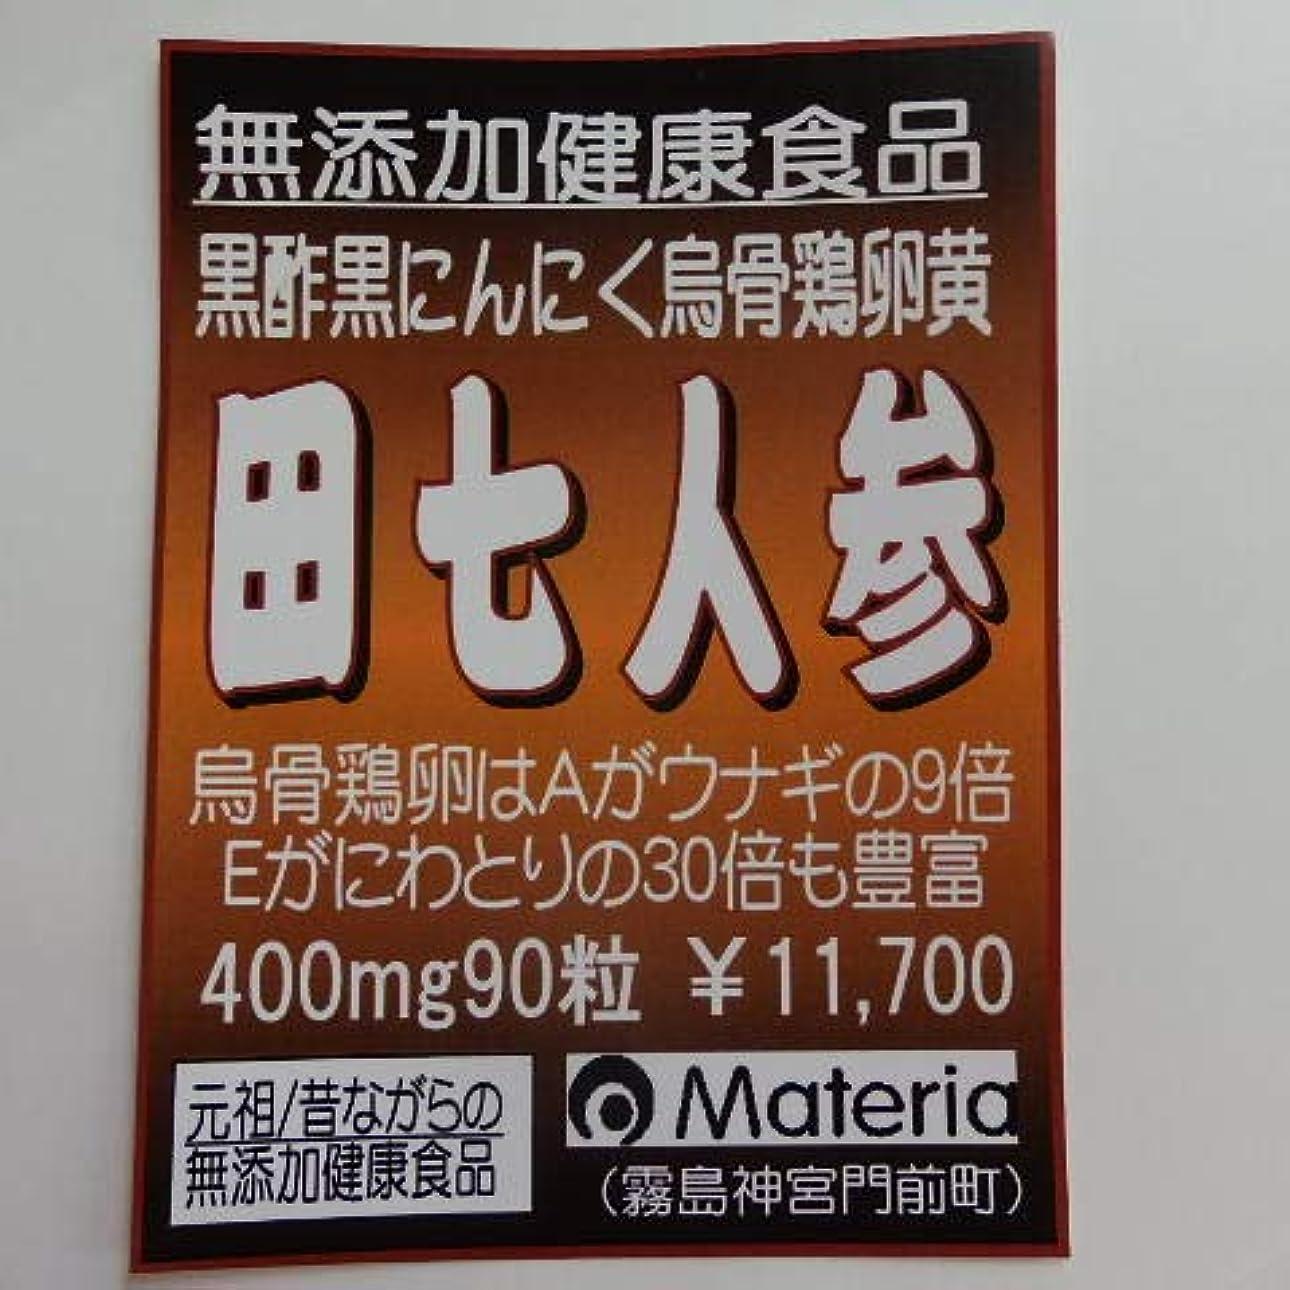 無限大高音アイスクリーム無添加健康食品/黒酢黒にんにく烏骨鶏卵黄/田七人参(90粒)90日分¥11,700